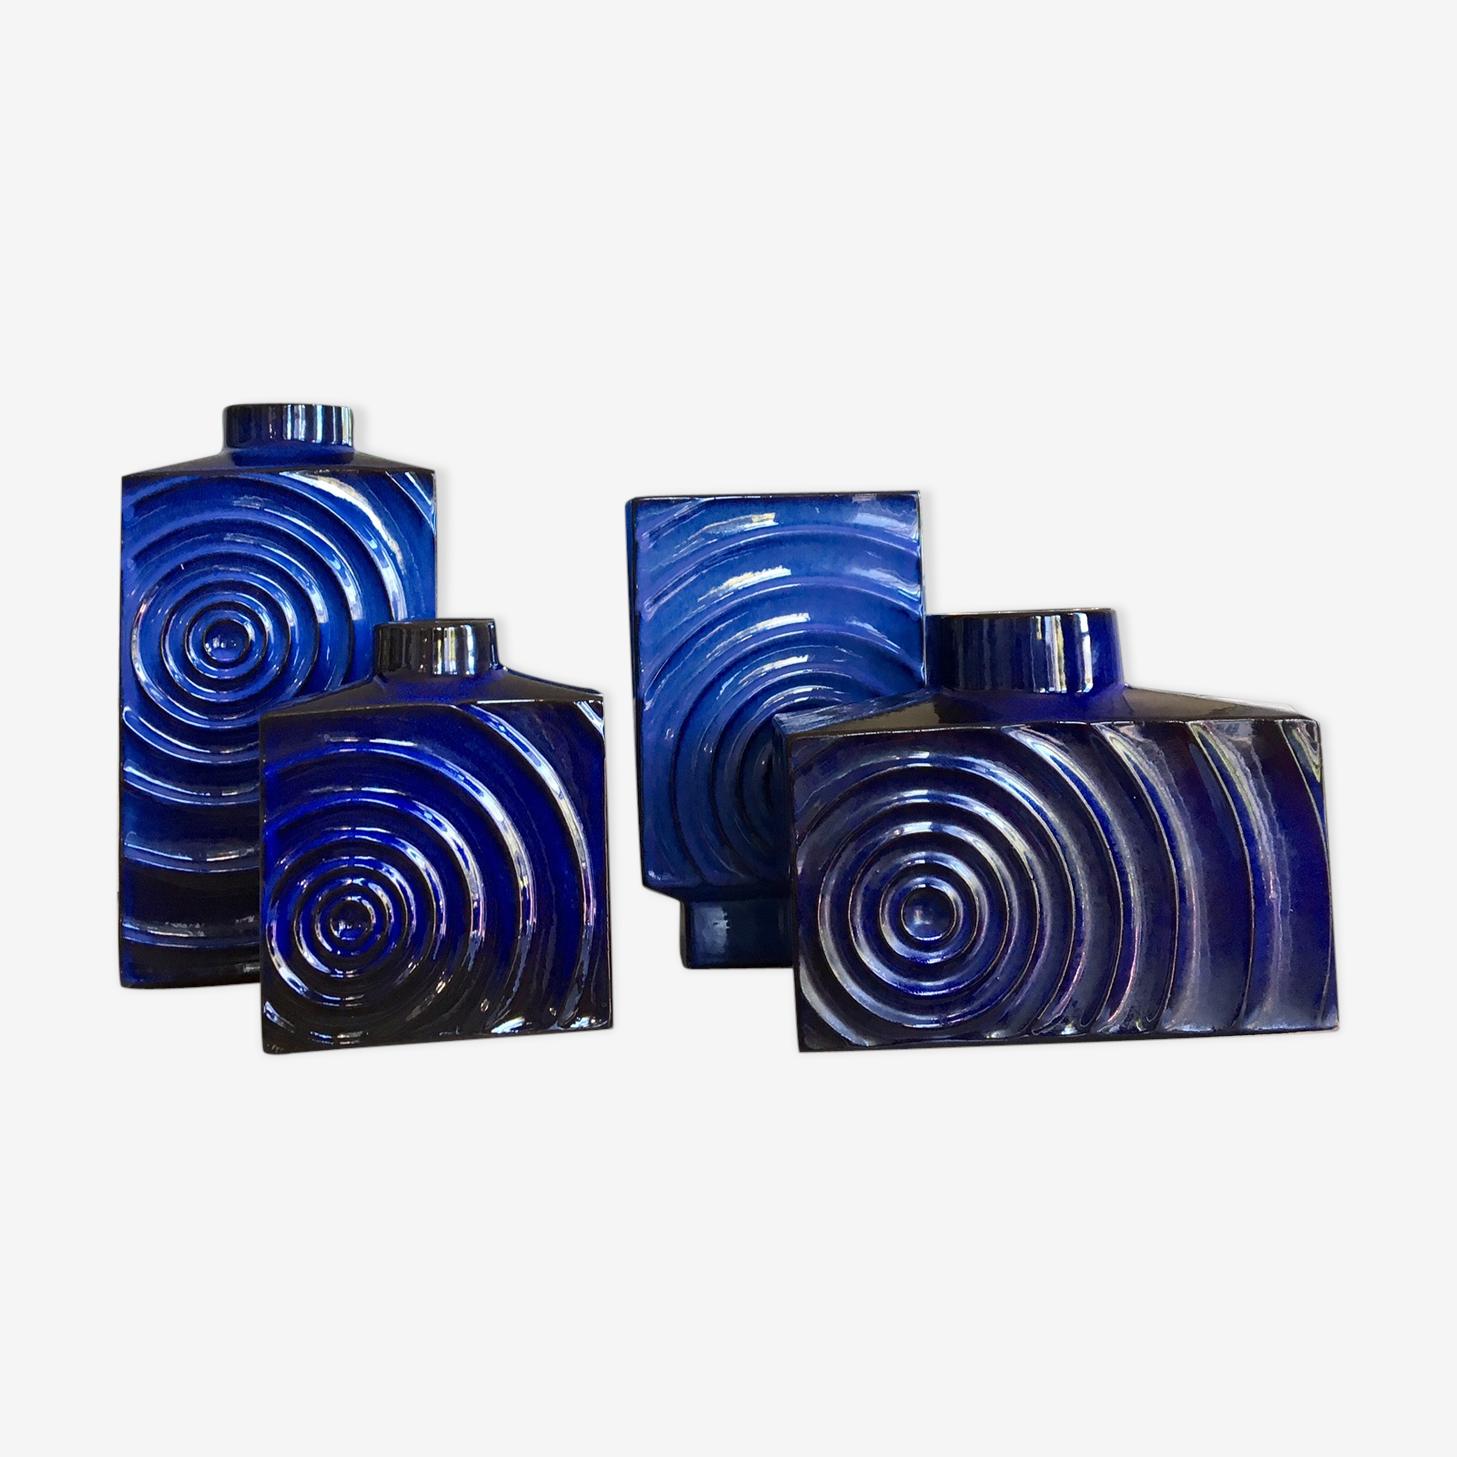 Set de 4 vases Optic Art en céramique de Cari Zalloni des années 70